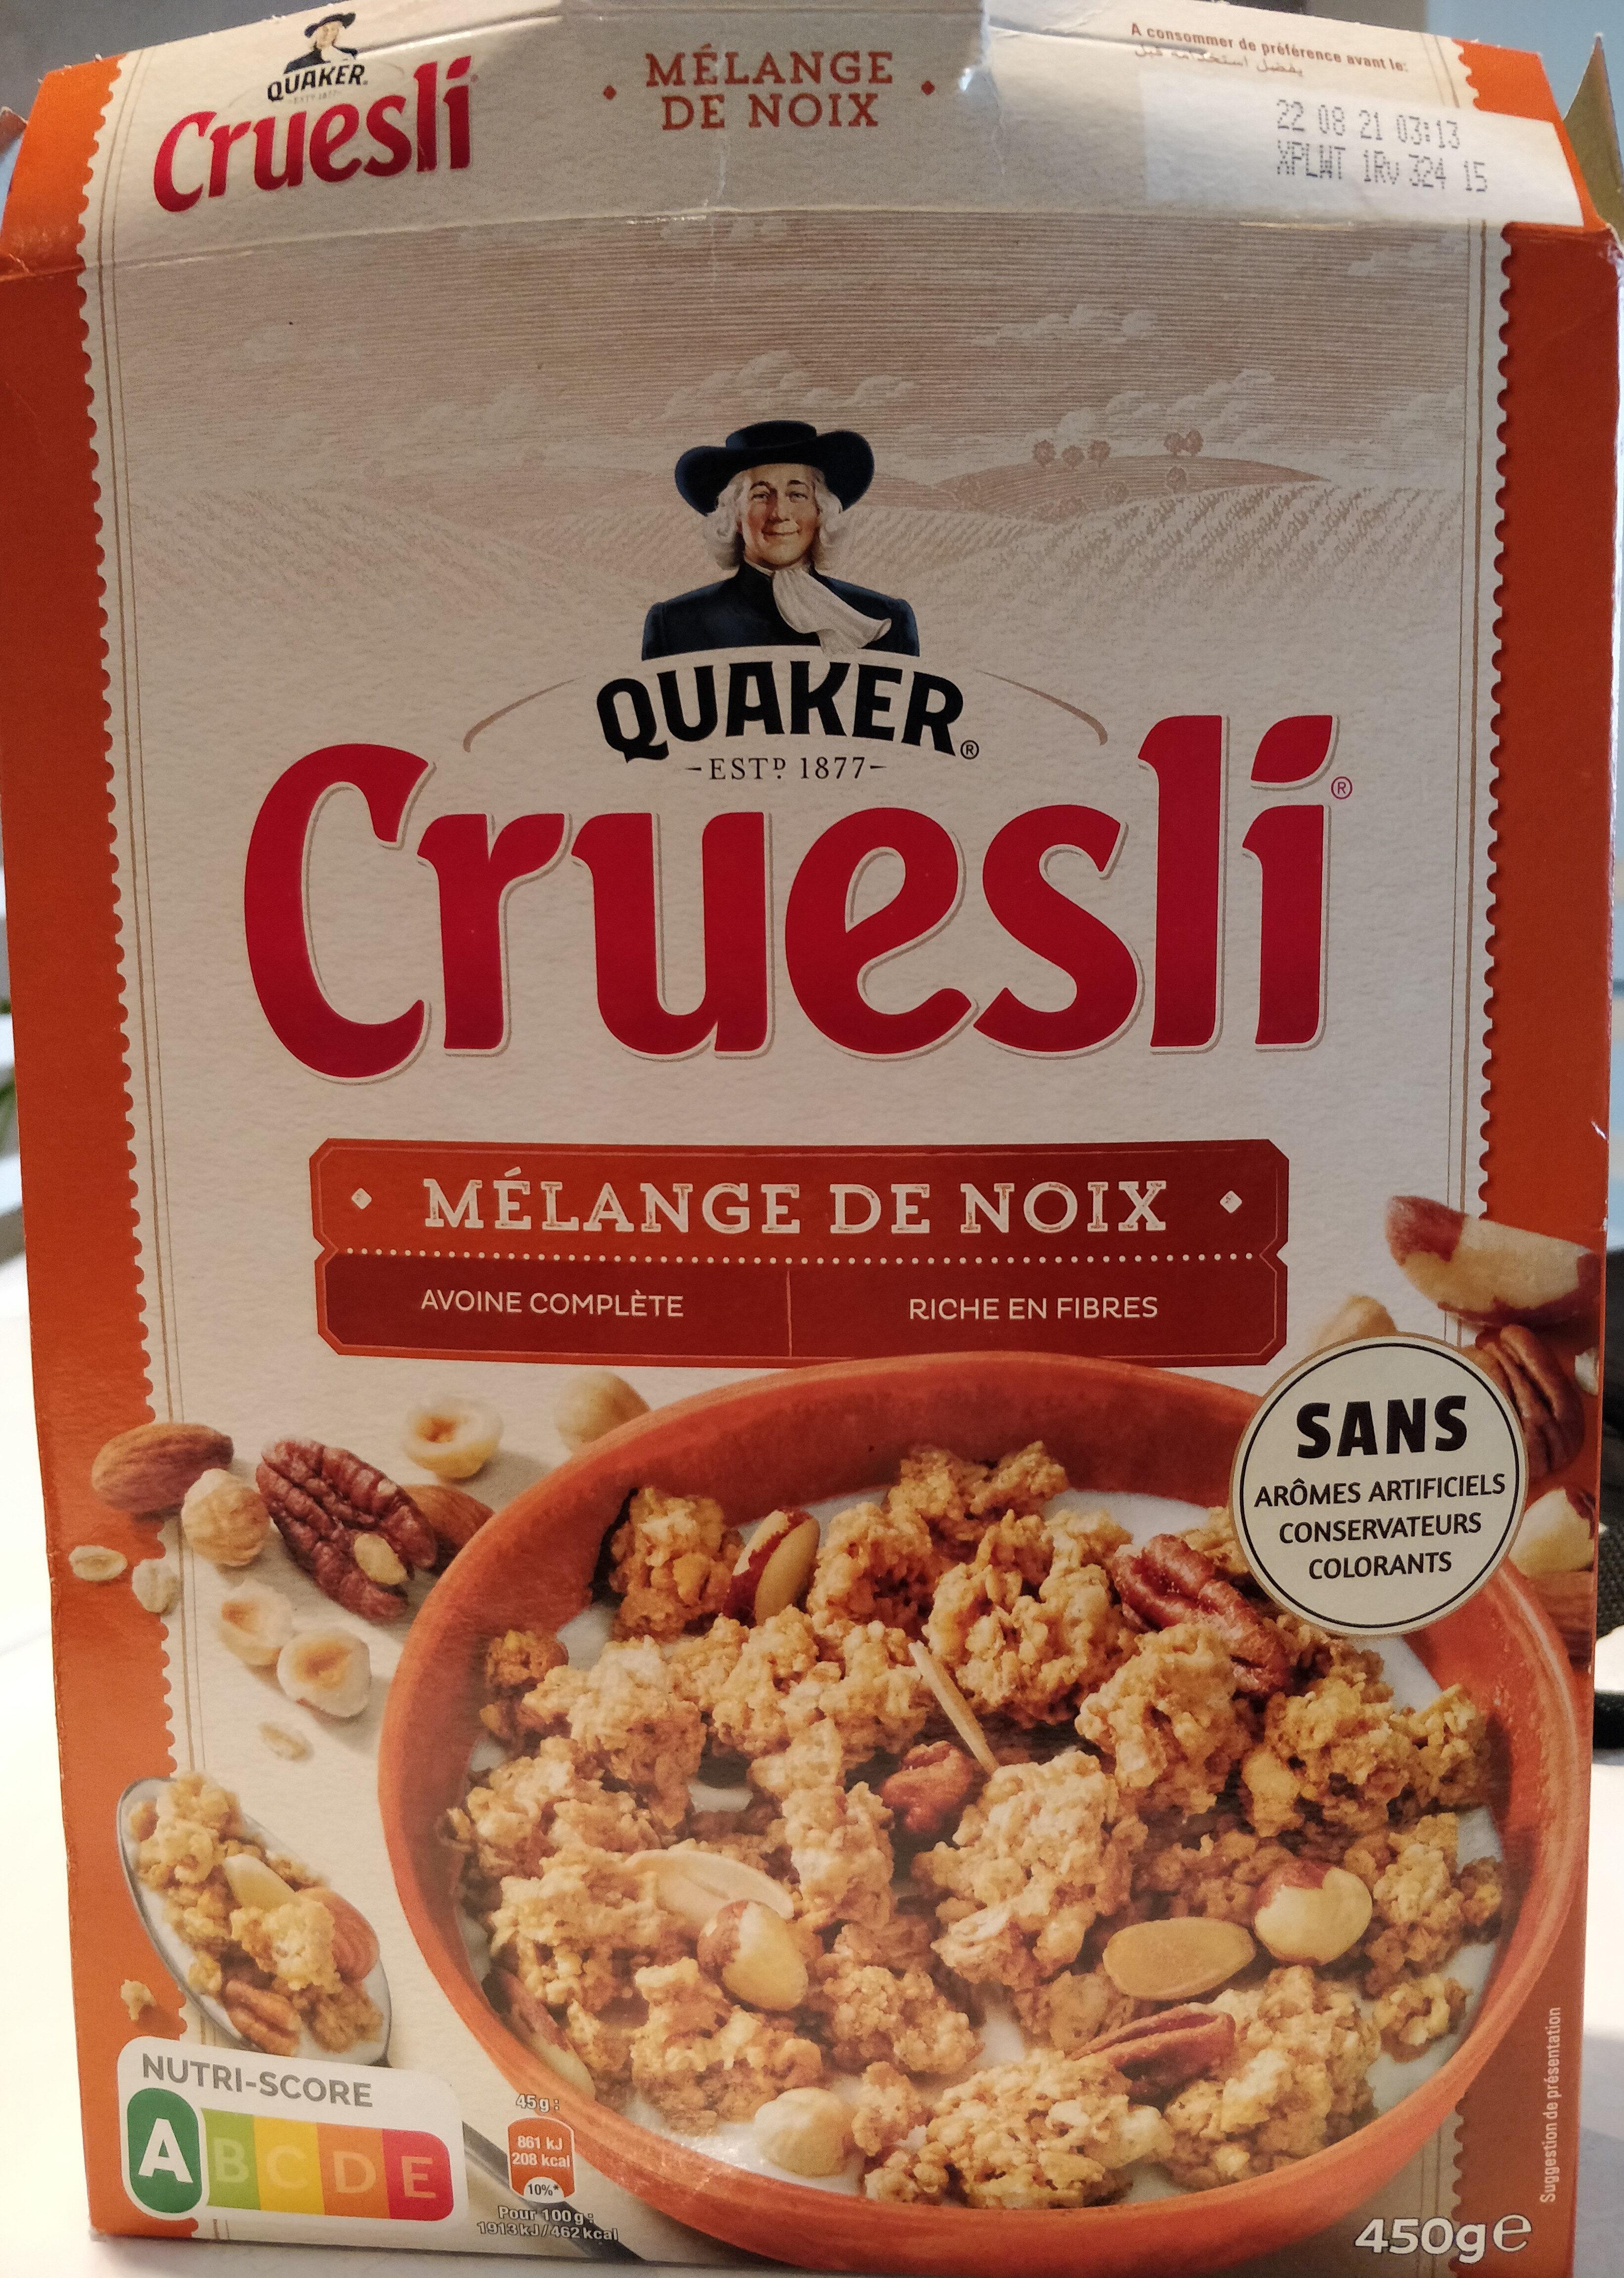 Cruesli Mélange de noix - Product - fr